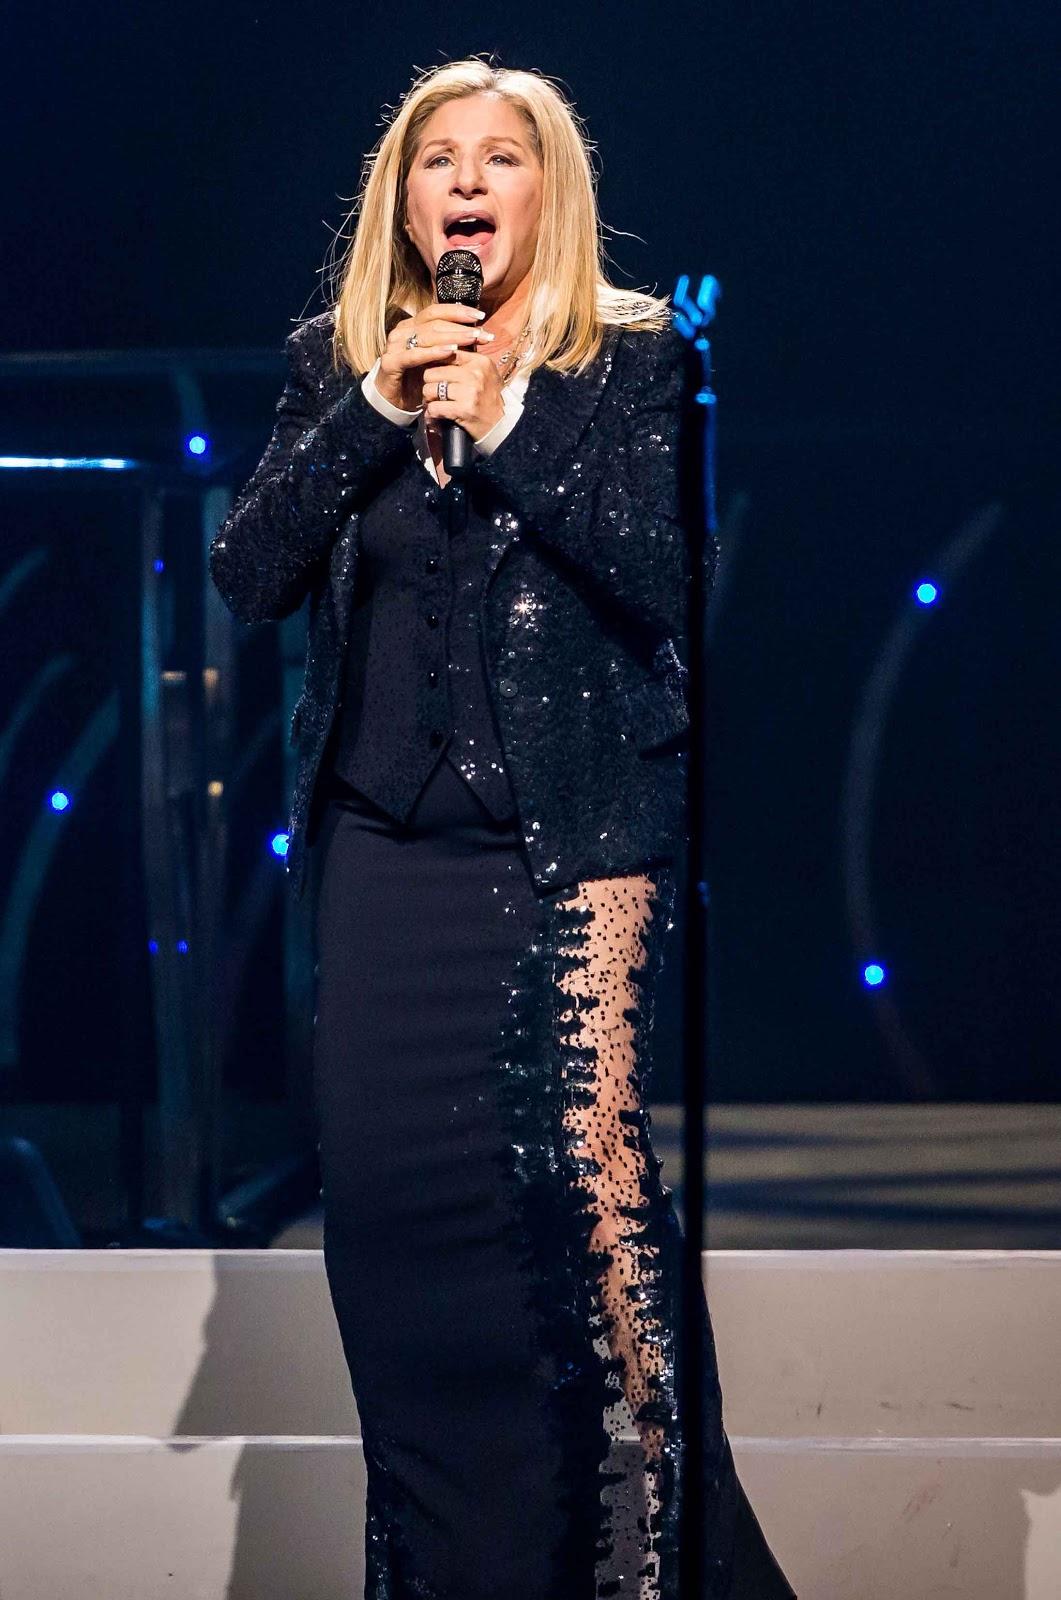 http://3.bp.blogspot.com/-42KOkcc5ivQ/UJctzcoC-CI/AAAAAAACmn0/znstUph--Ts/s1600/Legend+Barbra+Streisand.jpg